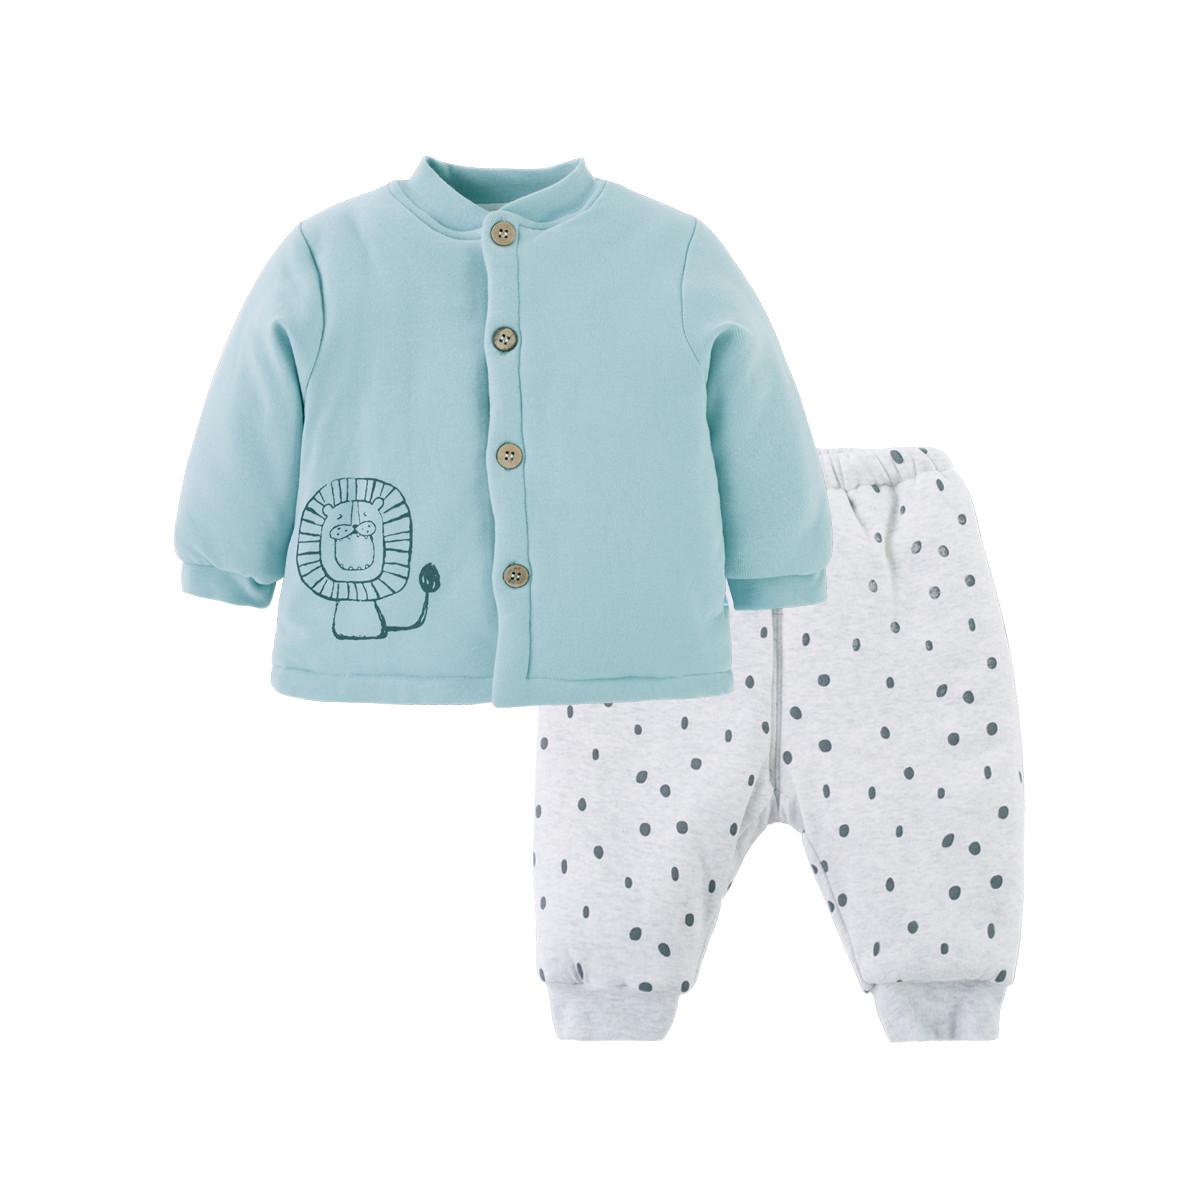 贝贝怡男女宝宝前开夹棉套装冬季卡通舒适保暖外出服两件套184T250154